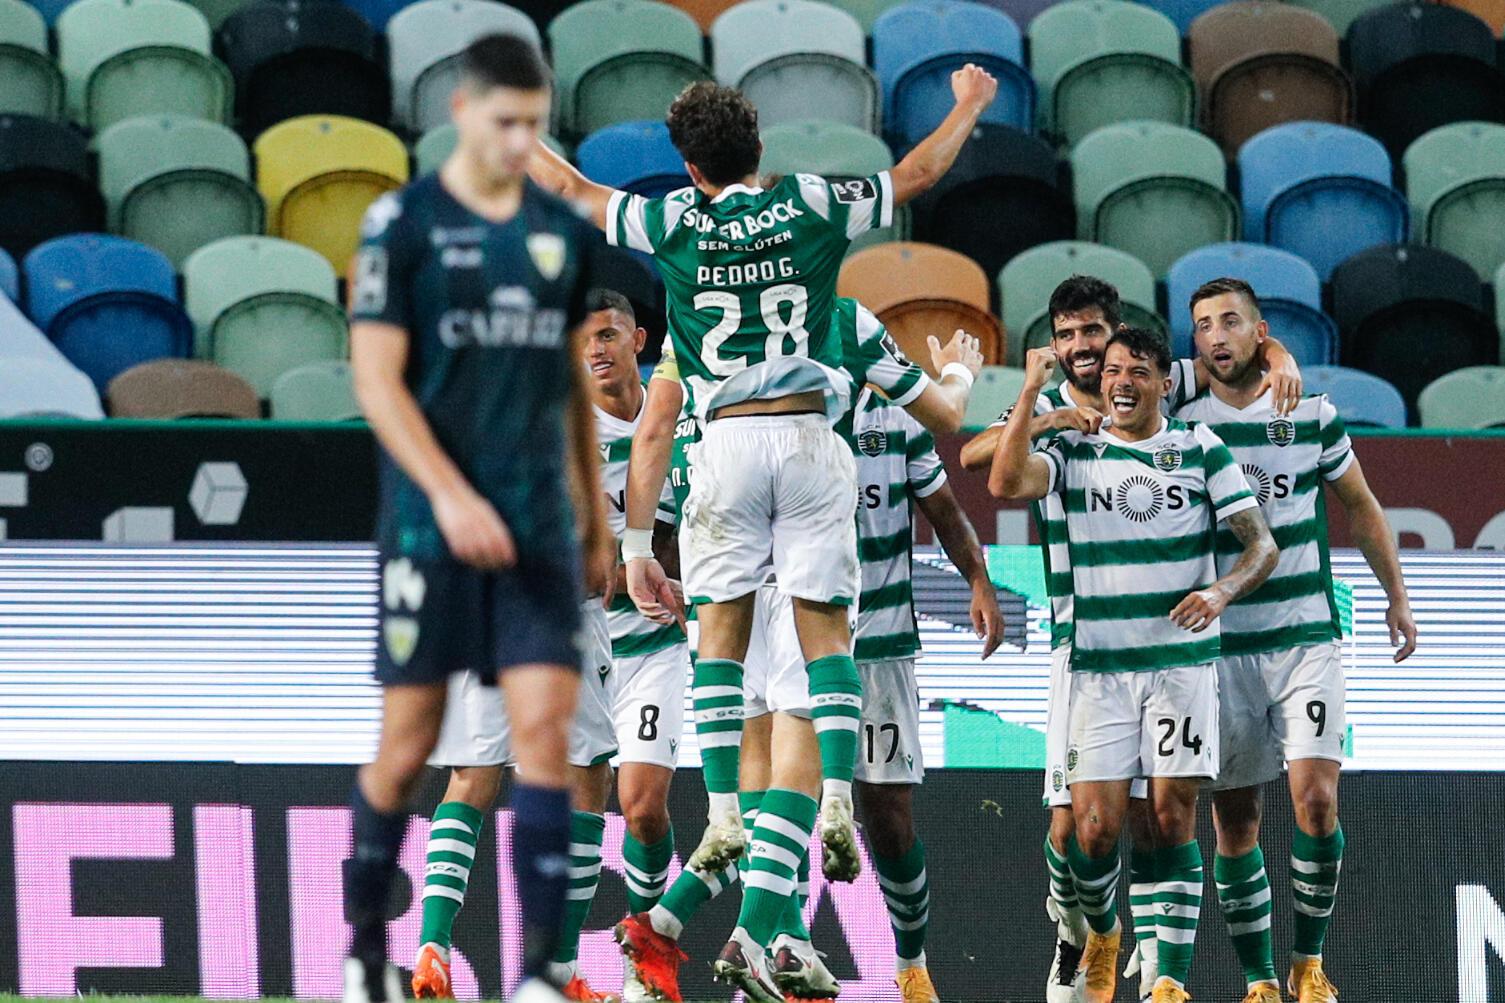 O Sporting CP é líder do campeonato após o triunfo por 4-0 frente ao Tondela.